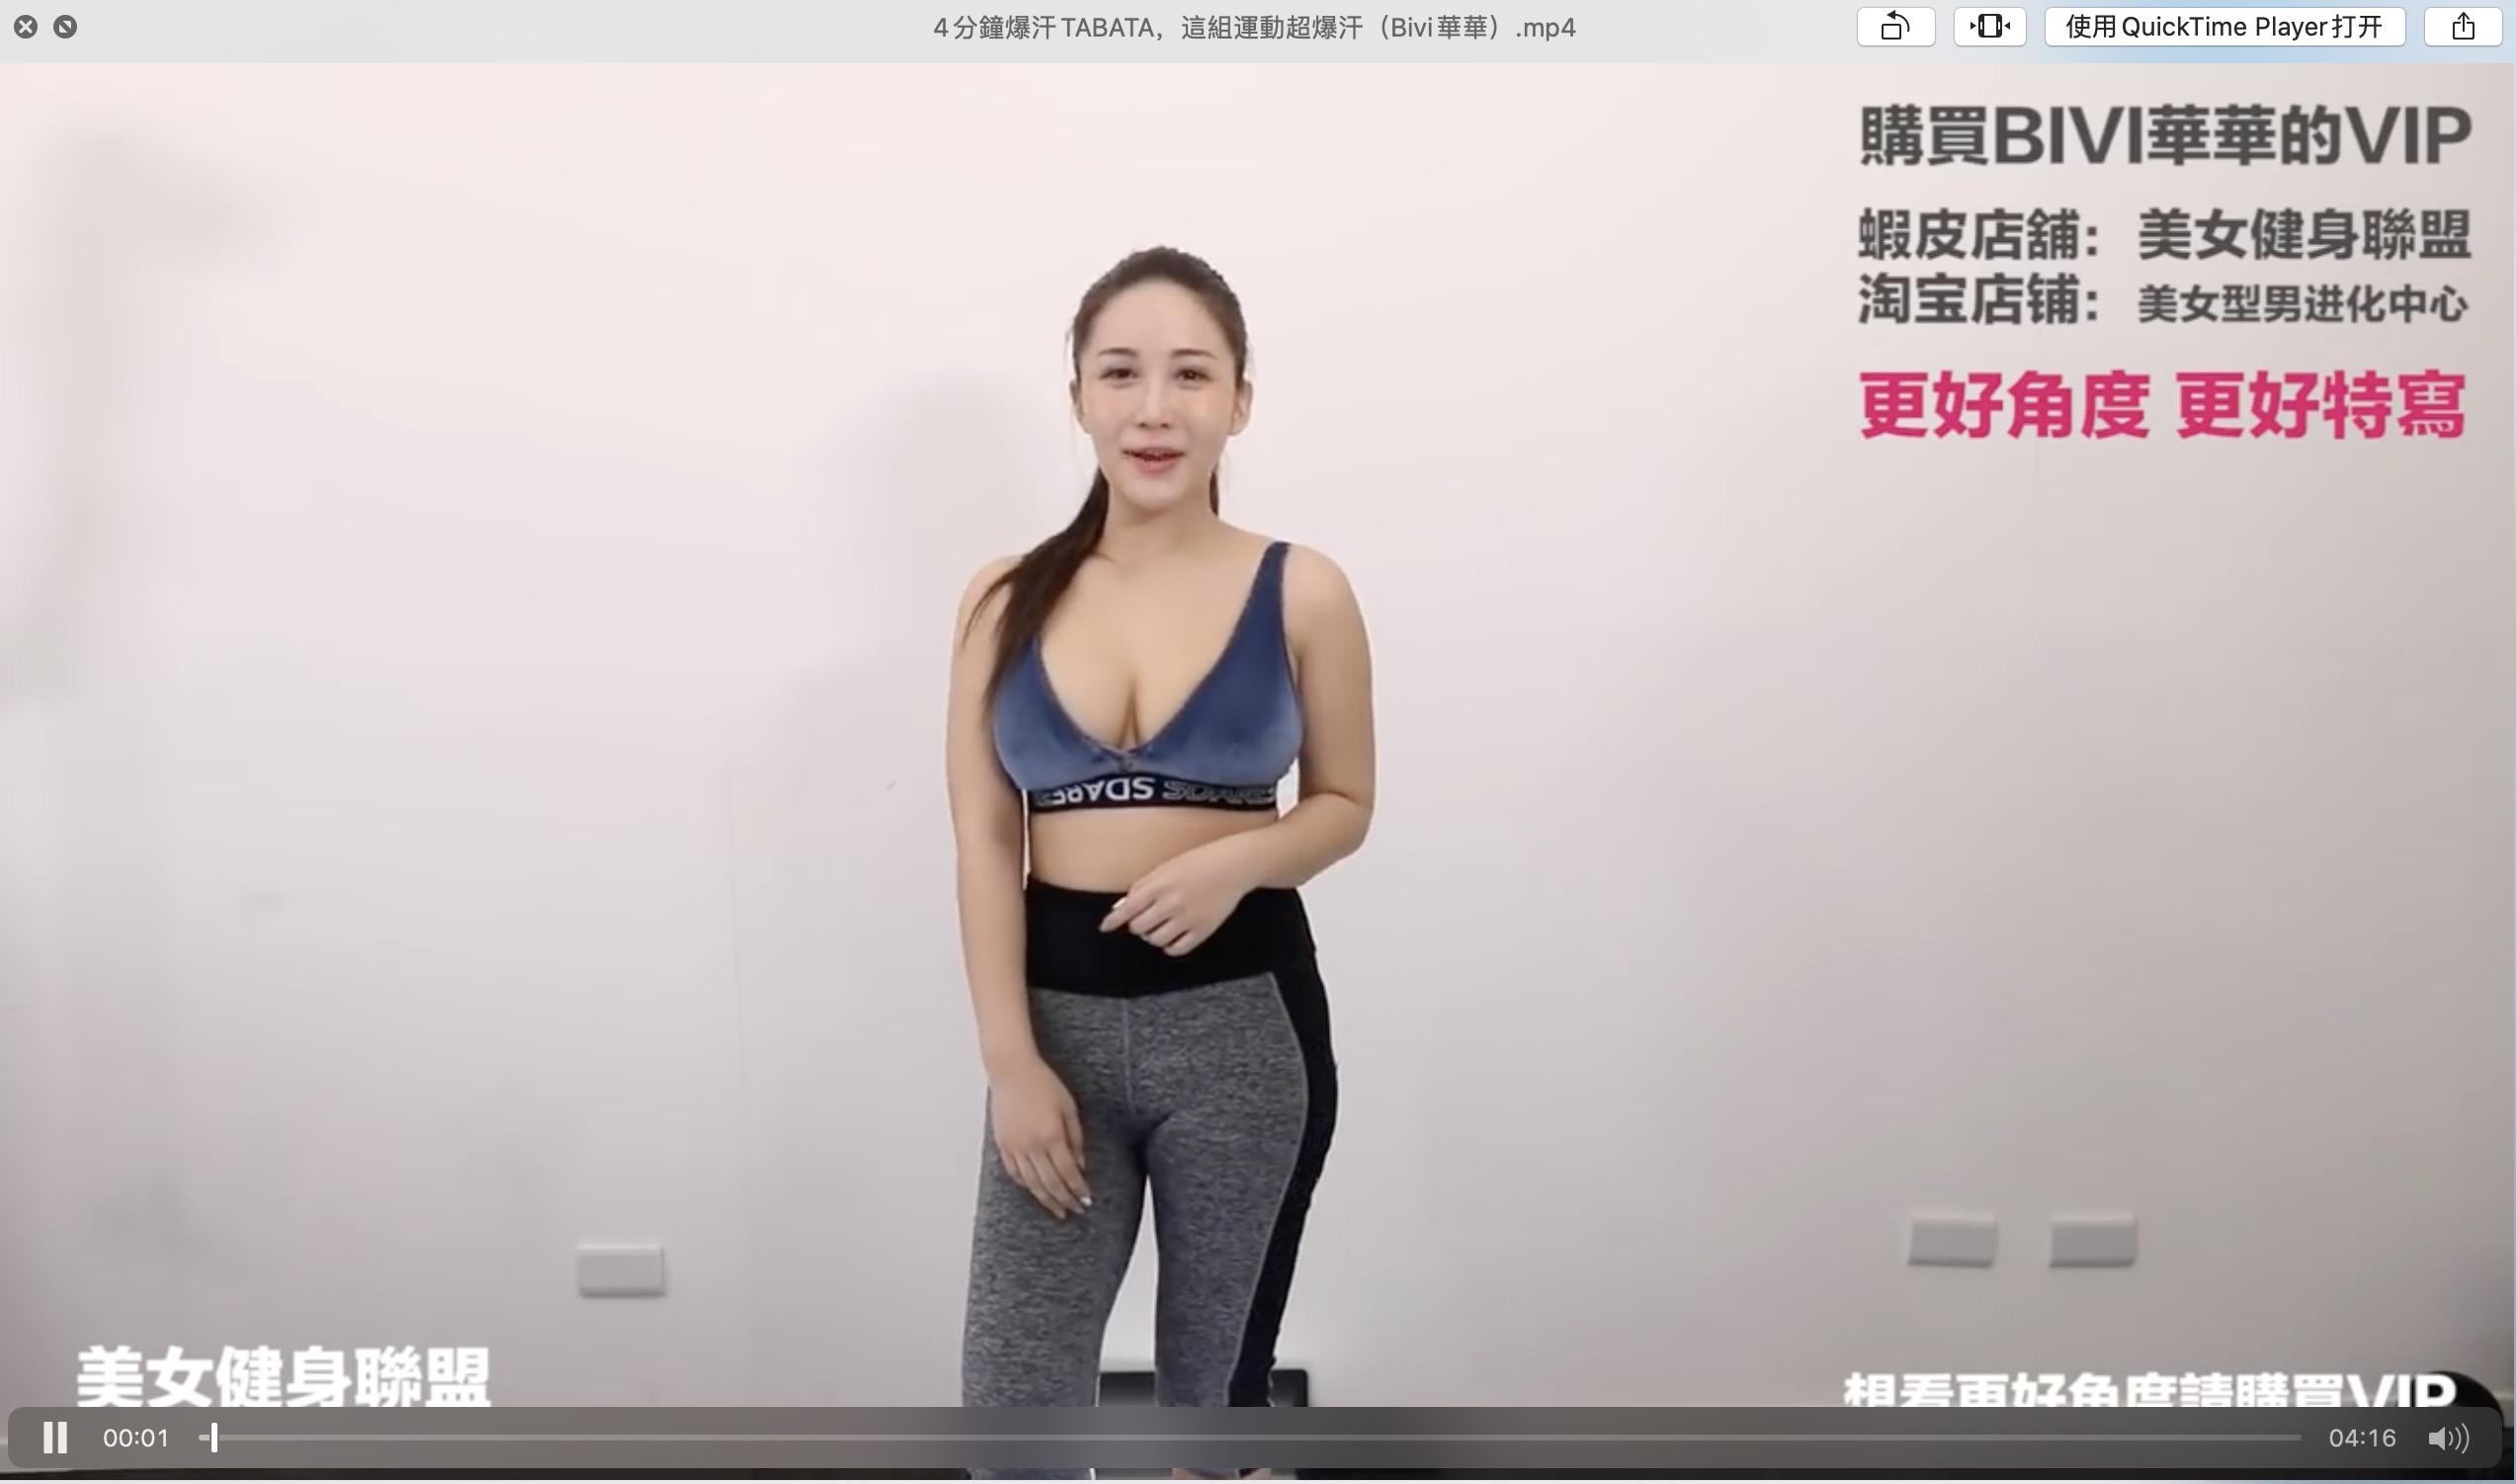 性感爆乳美女健身联盟高清视频教程 百度网盘